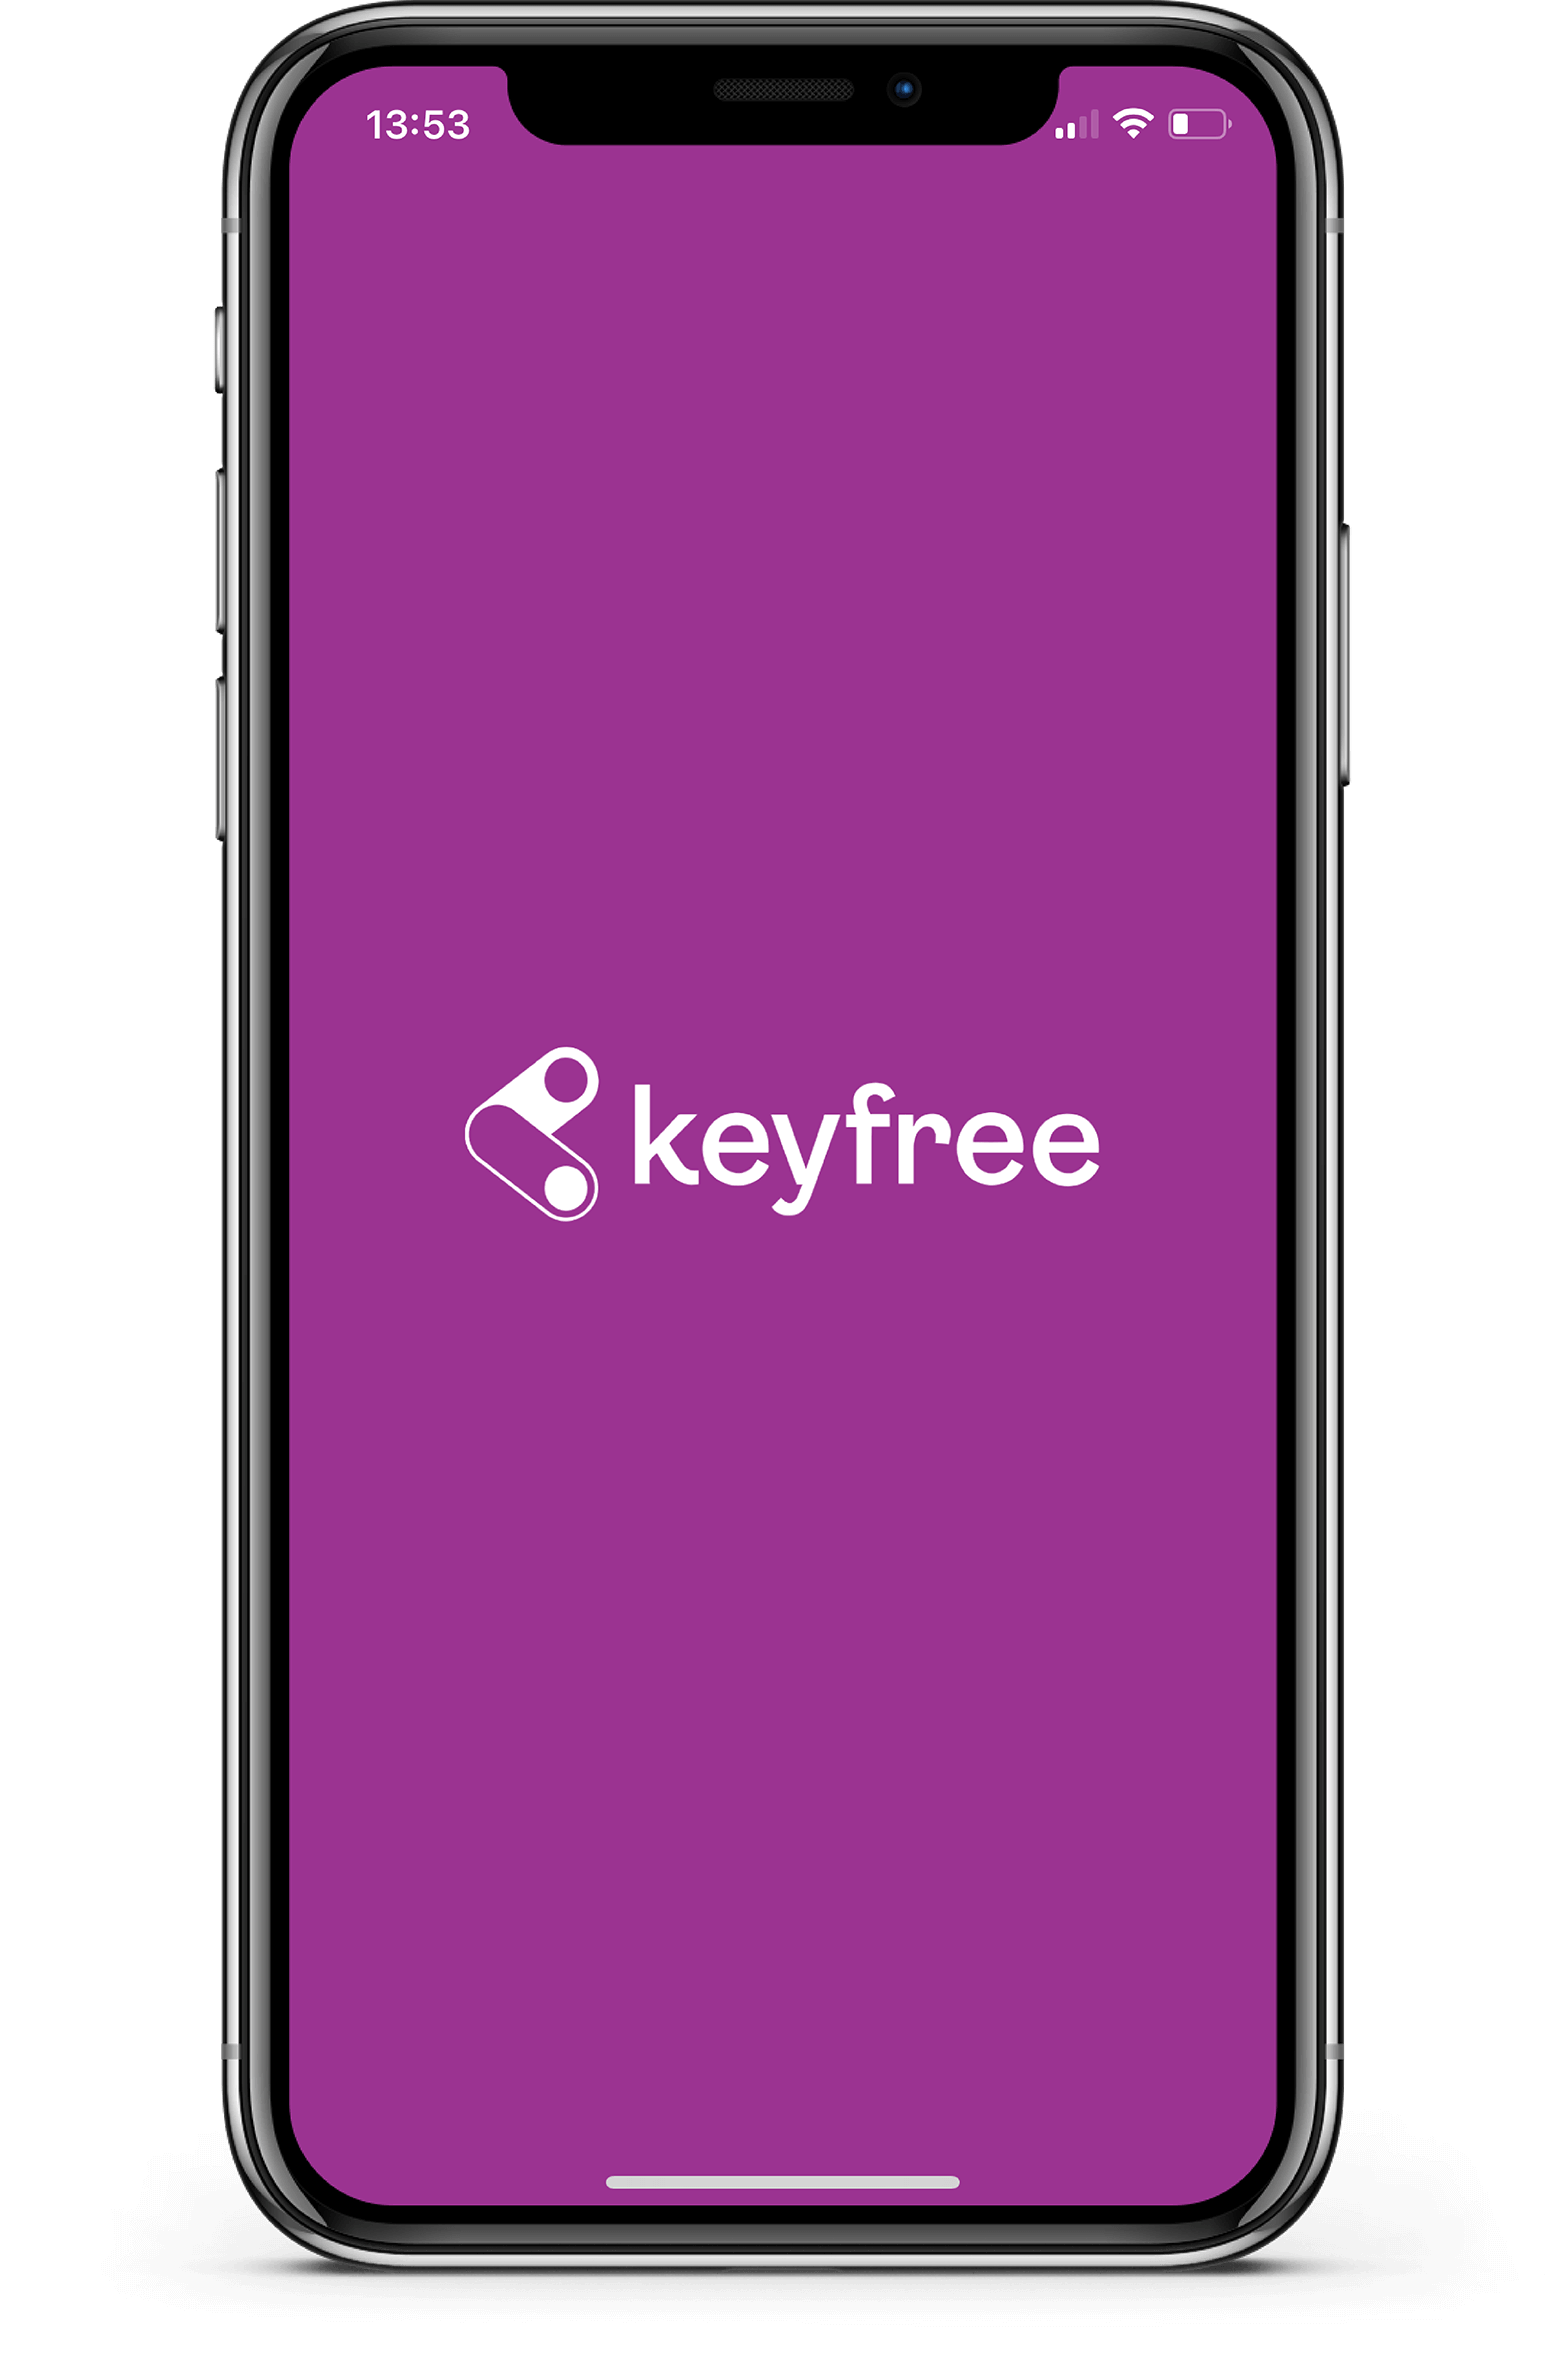 keyfree app